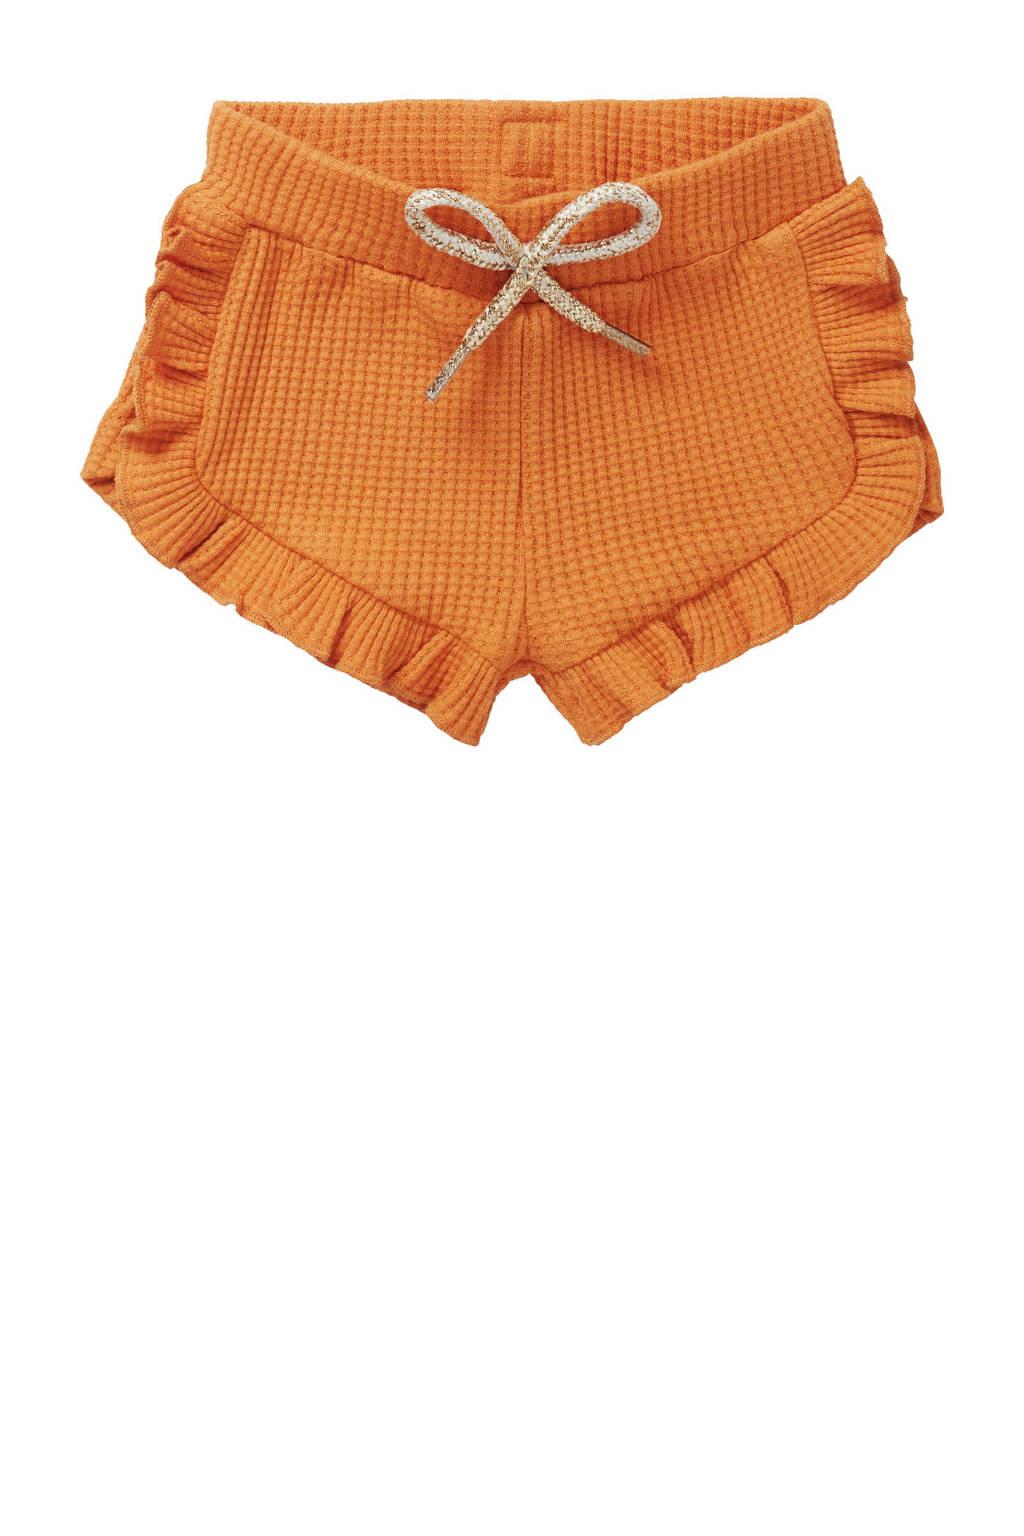 Noppies baby sweatshort G Short Merfy met biologisch katoen oranje, Oranje